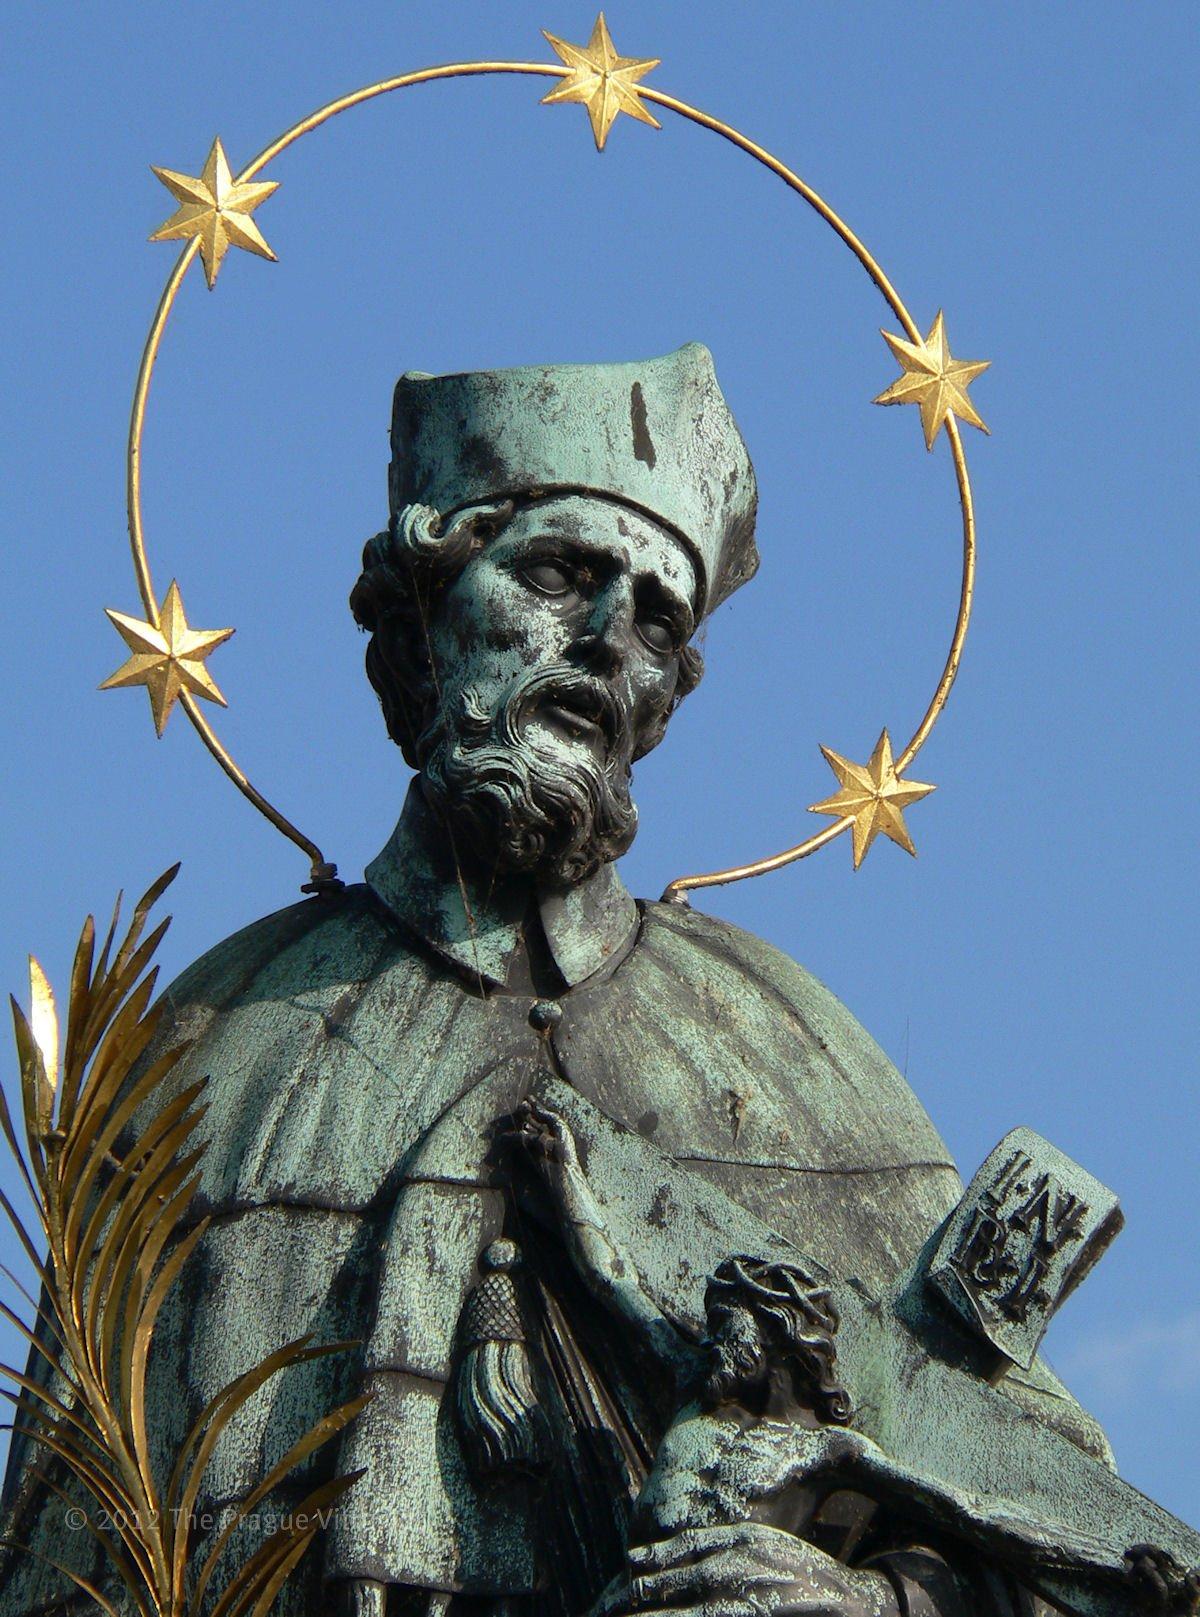 Statue of John Nepomuk, Charles Bridge